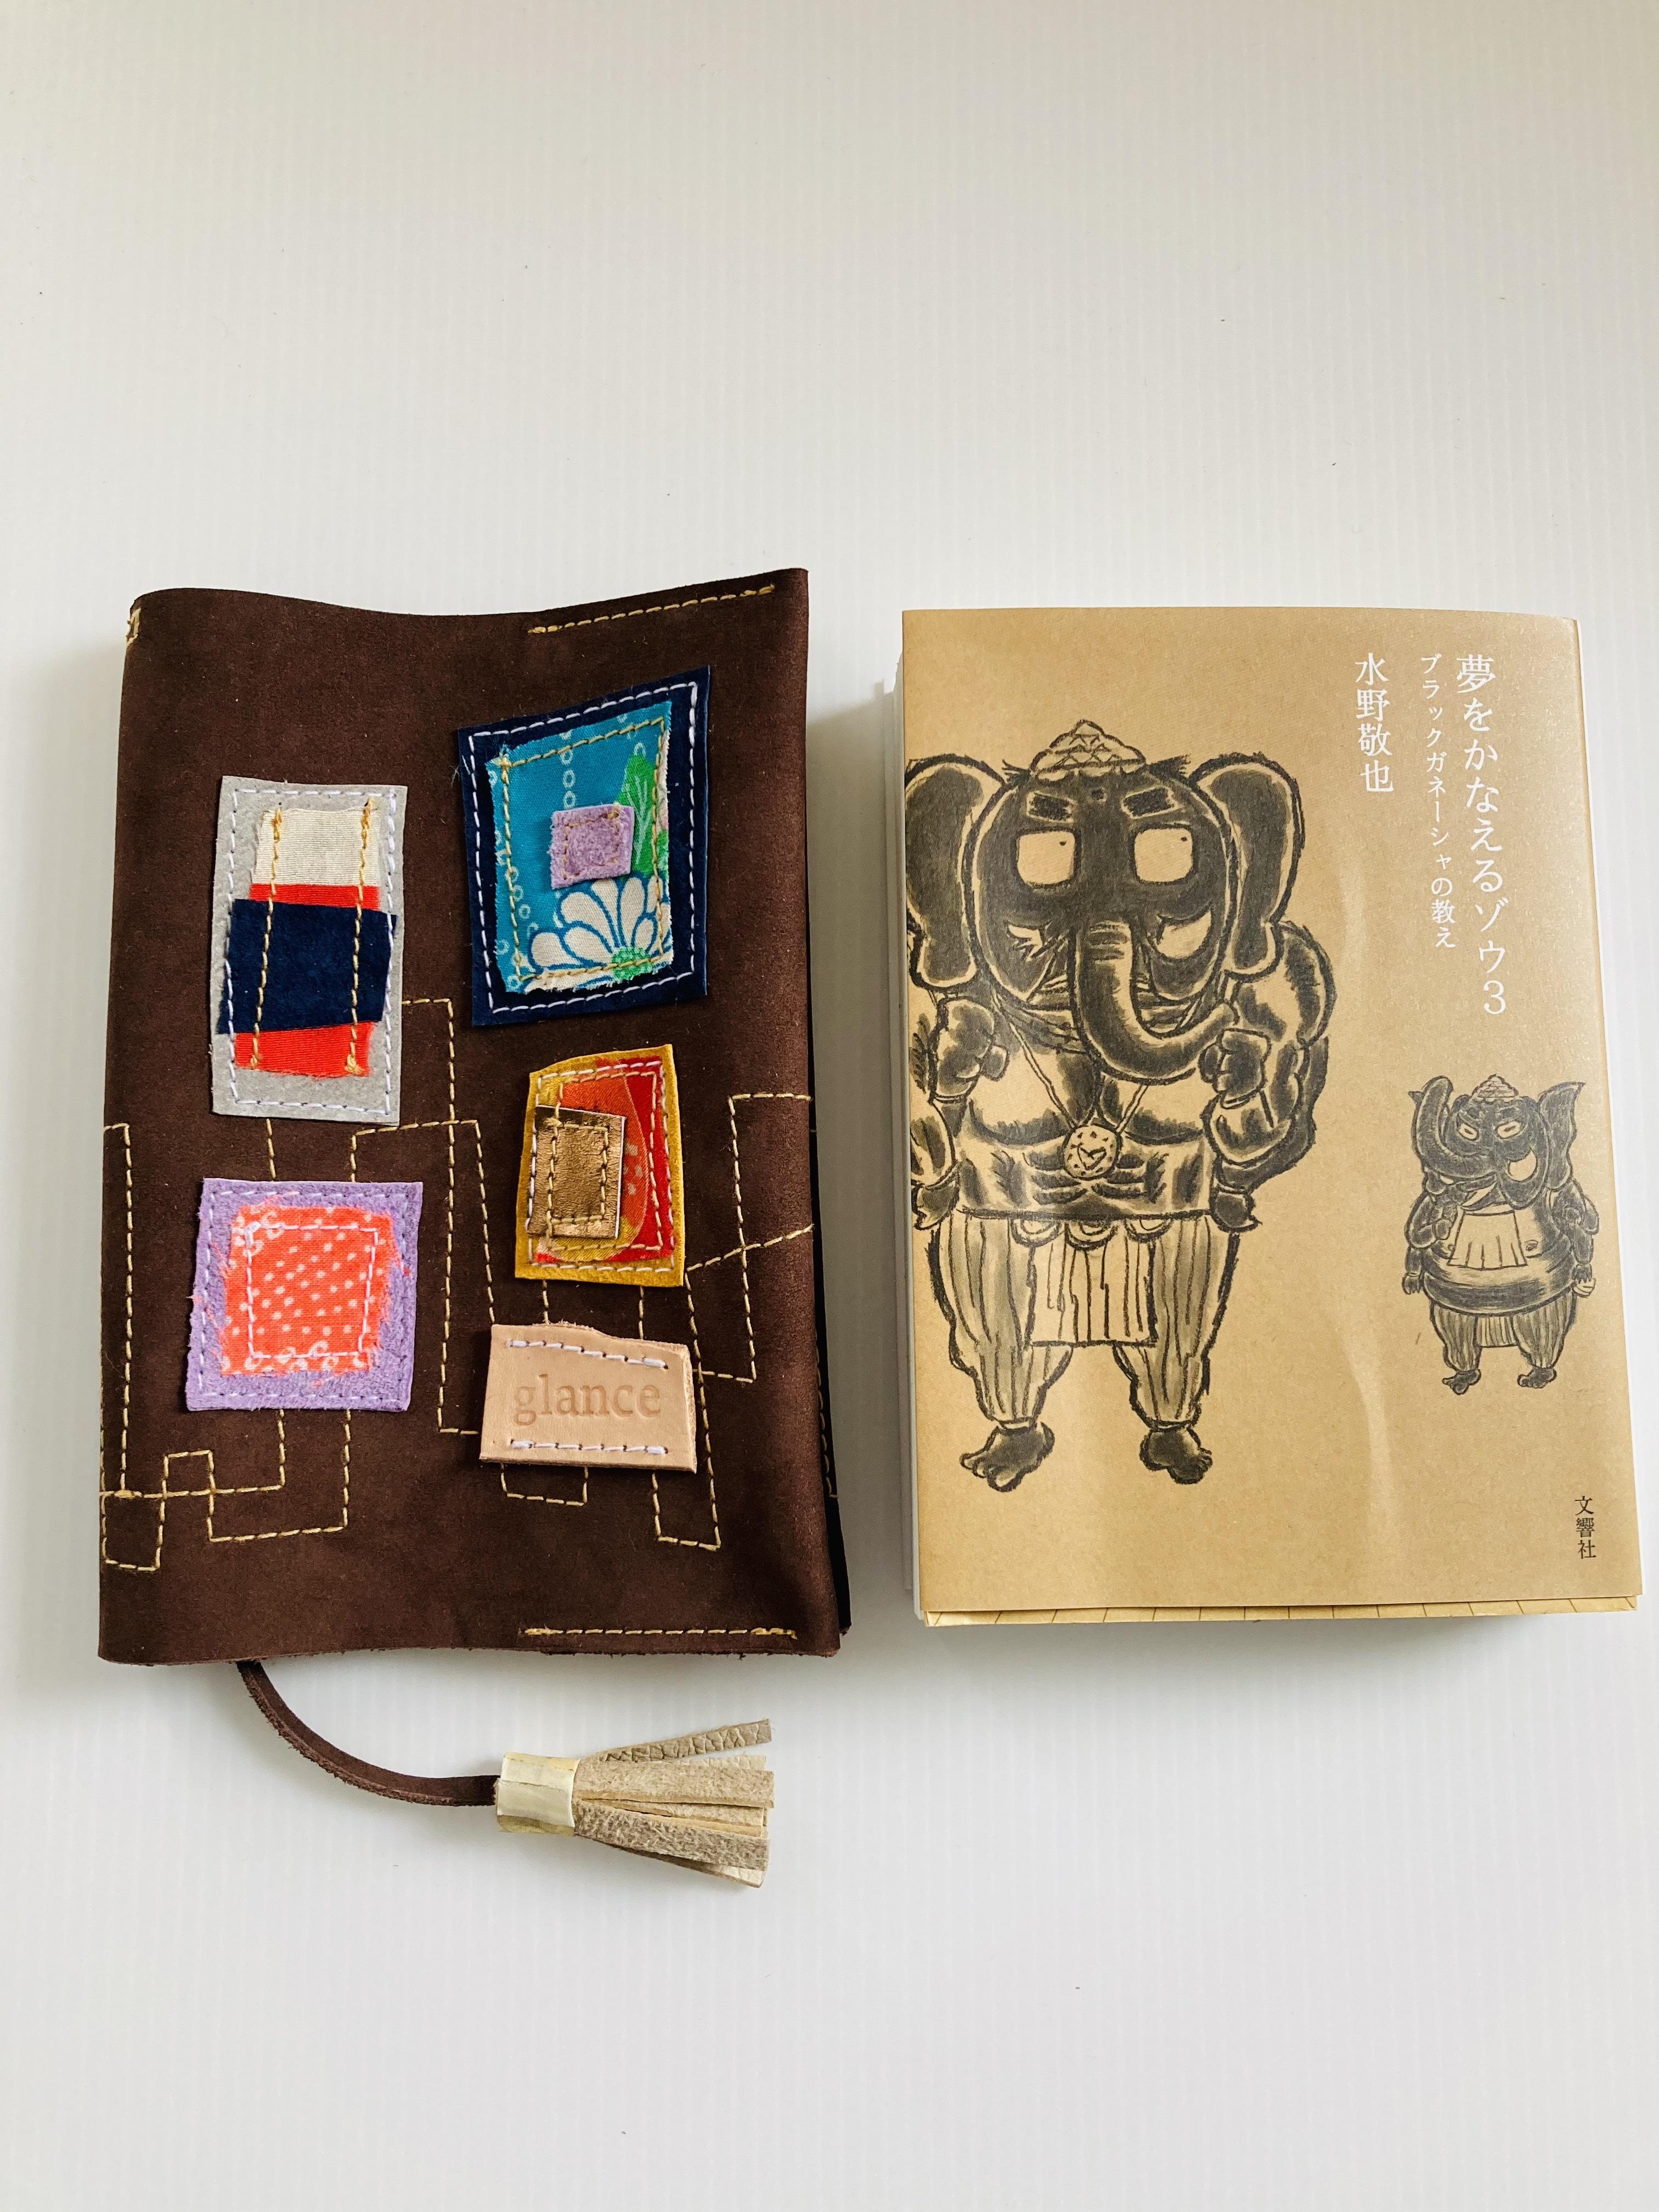 tugihagi ブックカバー 本革と古布 □-2